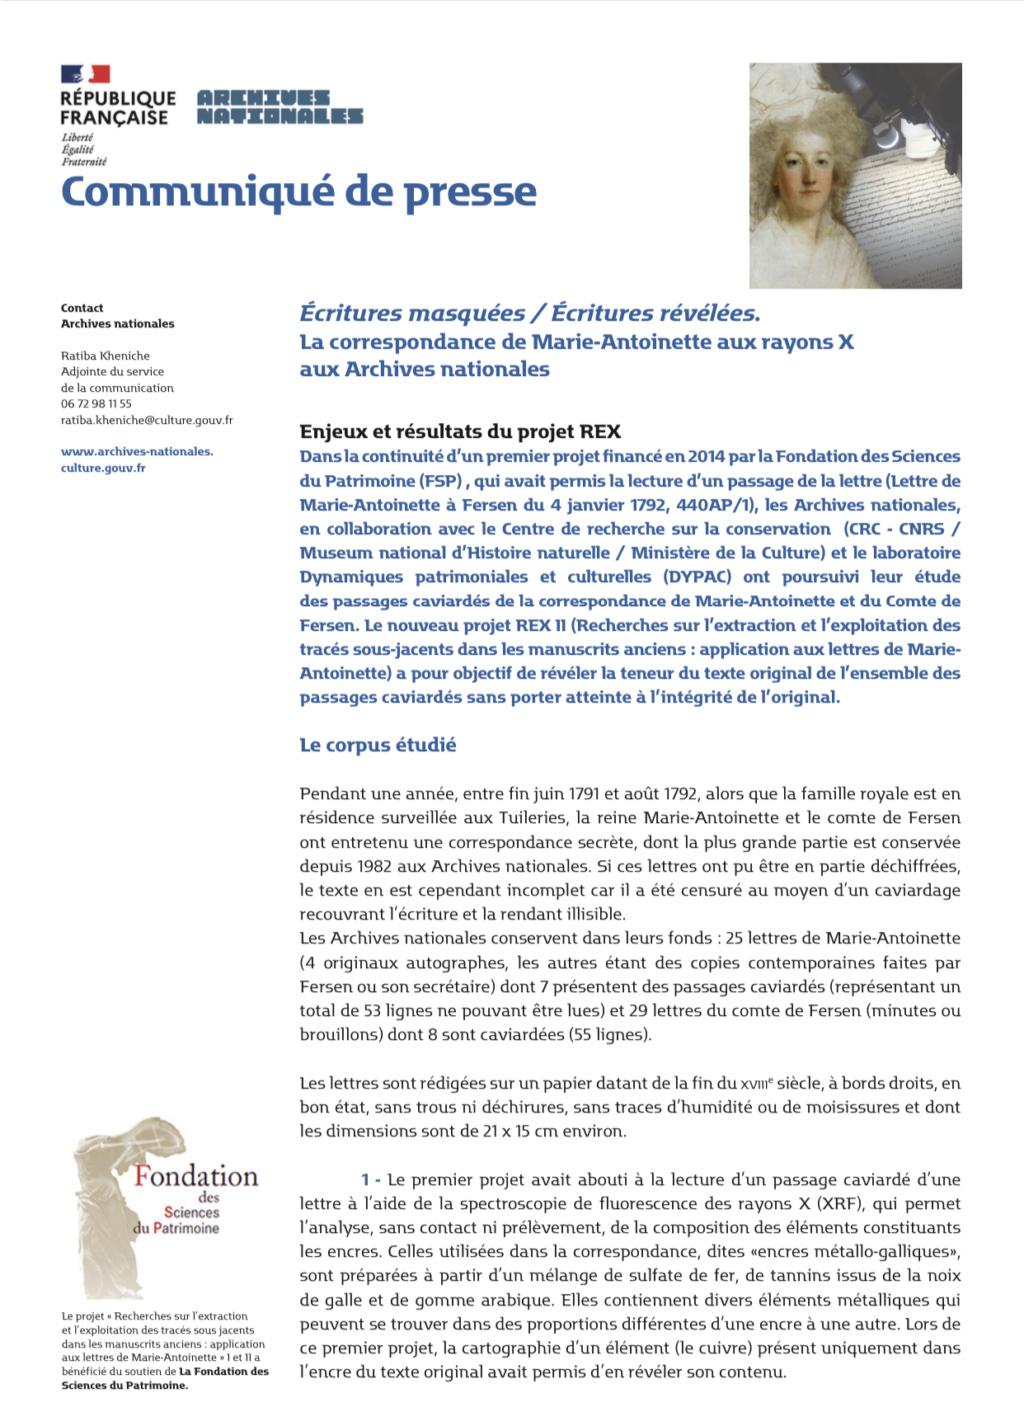 Nouveaux résultats du décaviardage de la correspondance de Marie-Antoinette et Fersen (Archives nationales) - Page 4 36d6f910